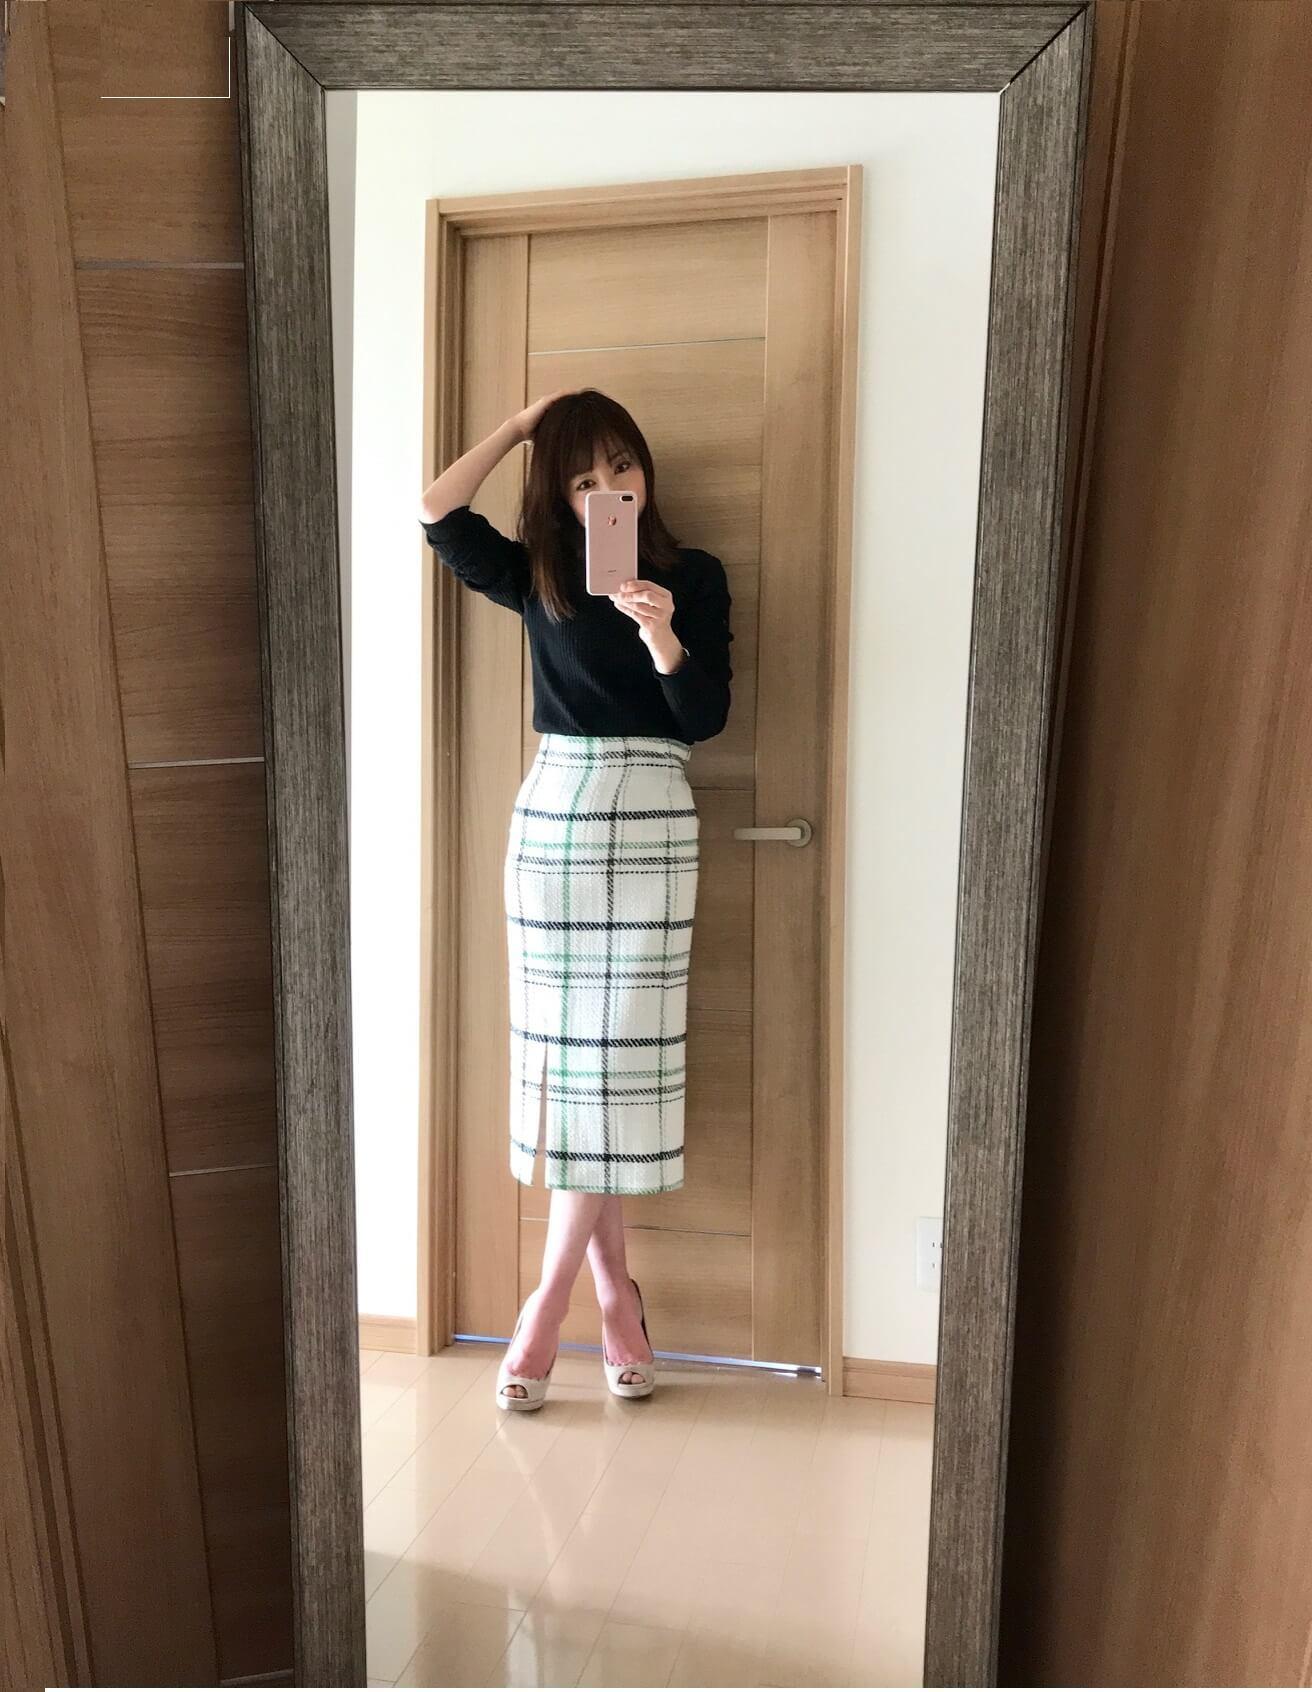 ミラオーウェンのスカートを着用写真